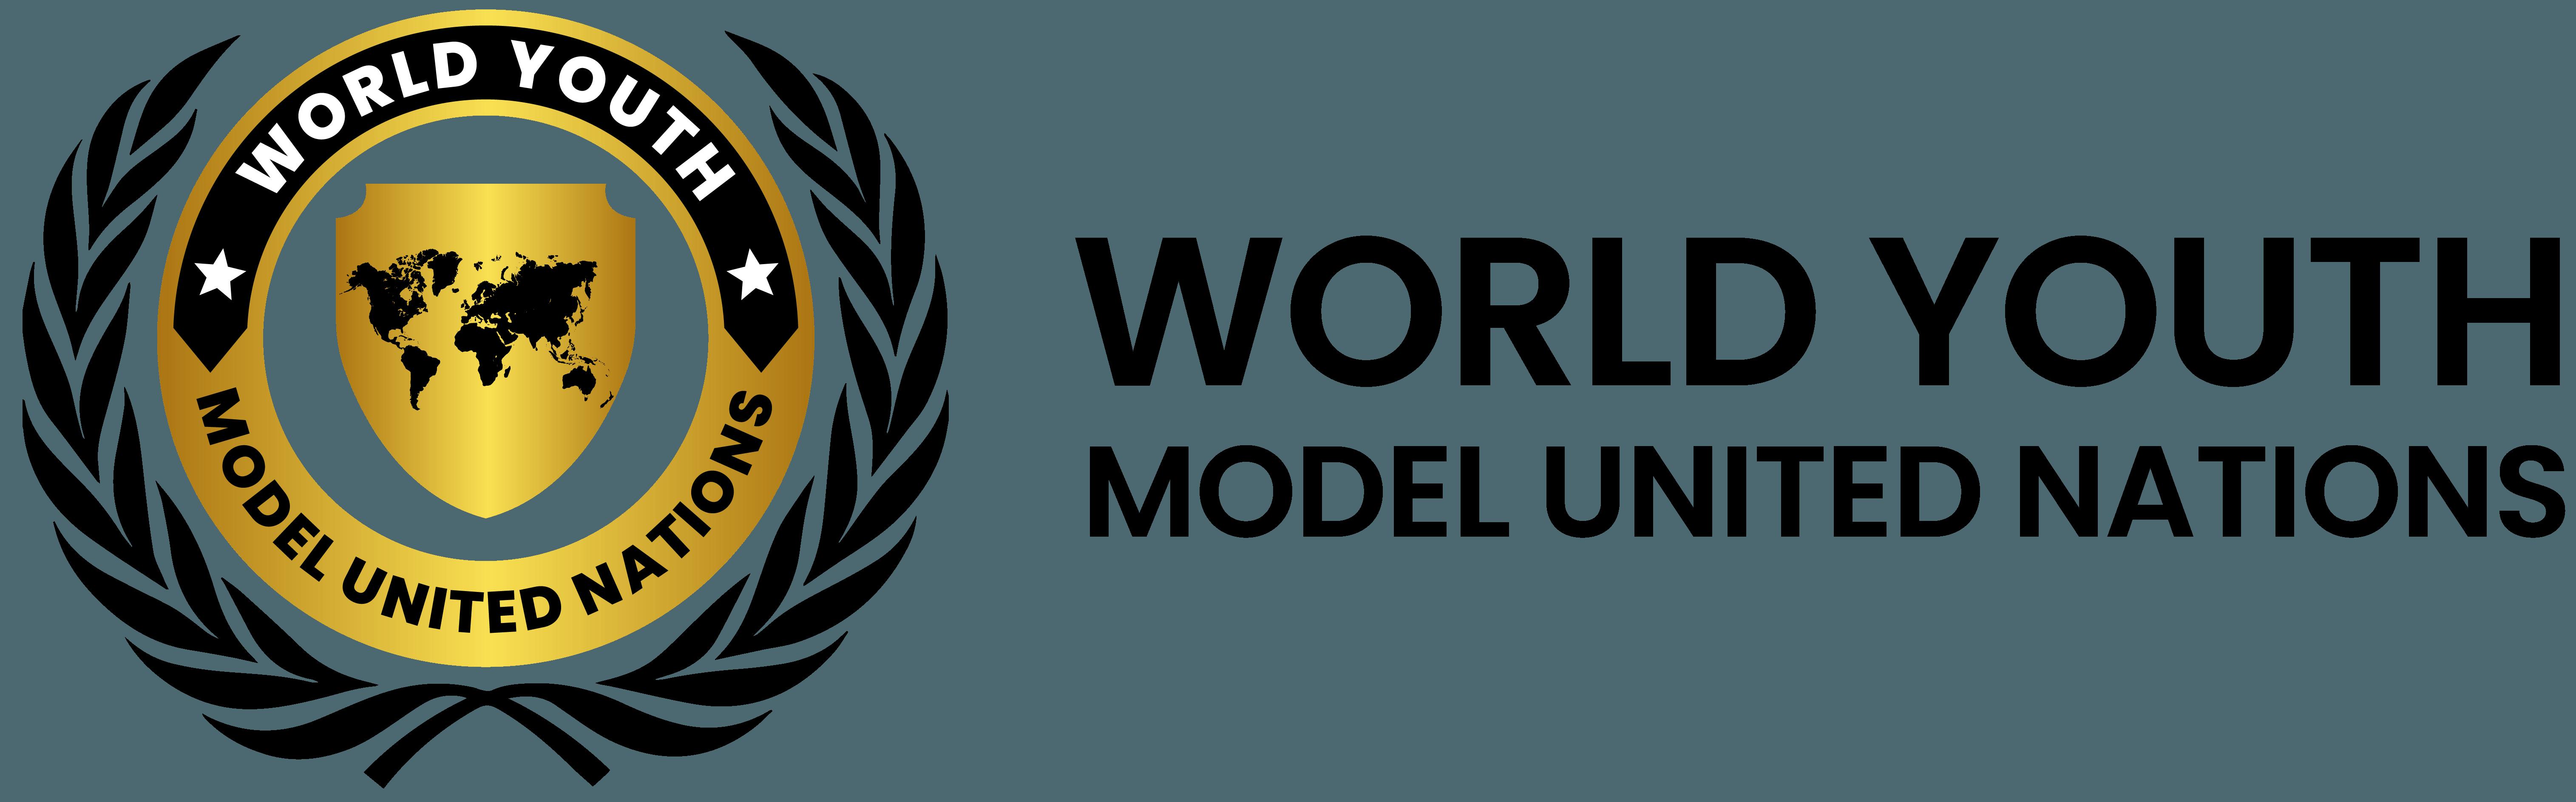 World Youth MUN